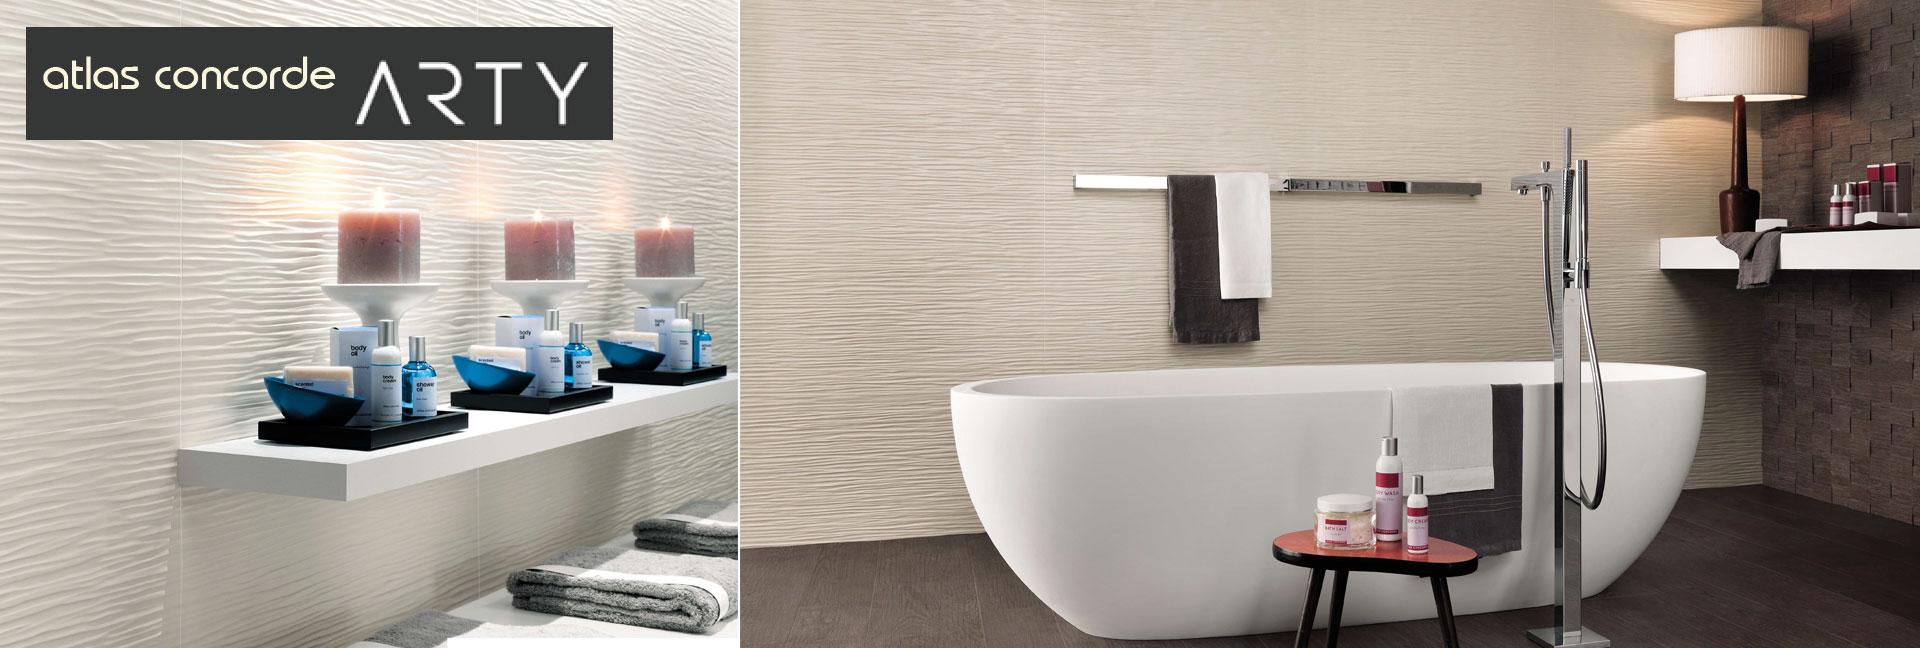 Atlas Concorde atlas concorde arty ceramic wall tile wave